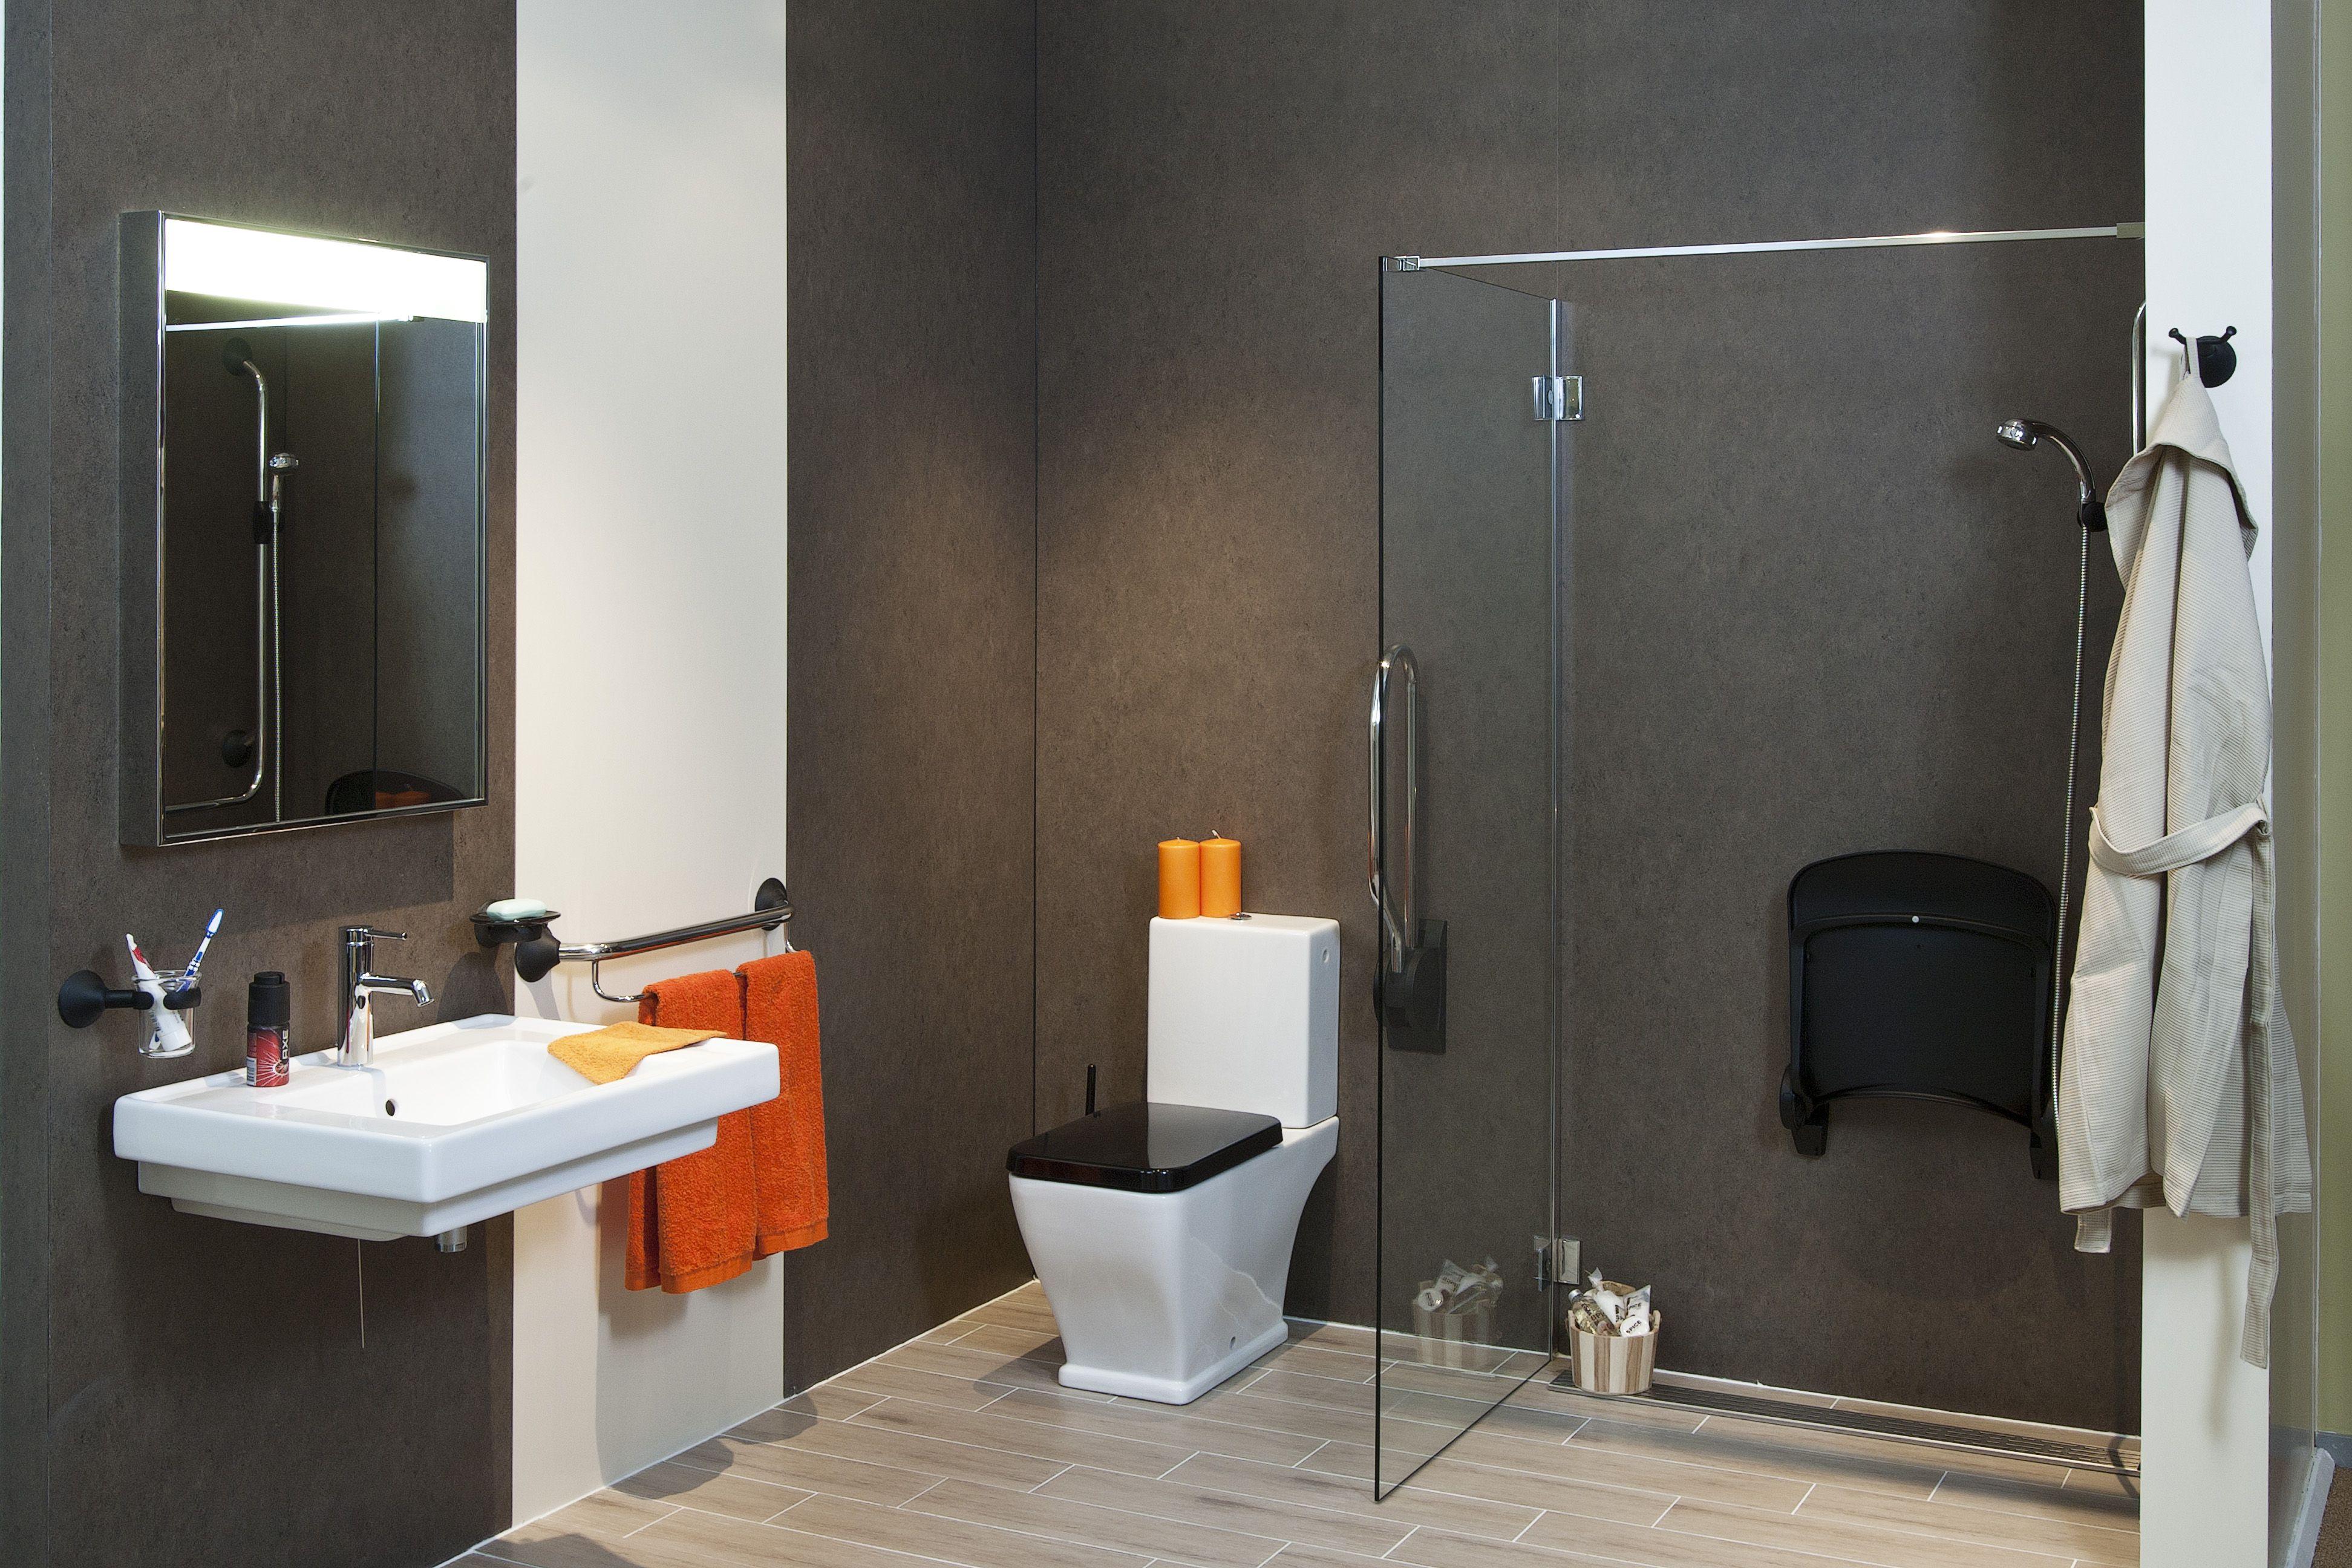 Complete aangepaste badkamer mer rolstoel wastafel en douchezitje ...